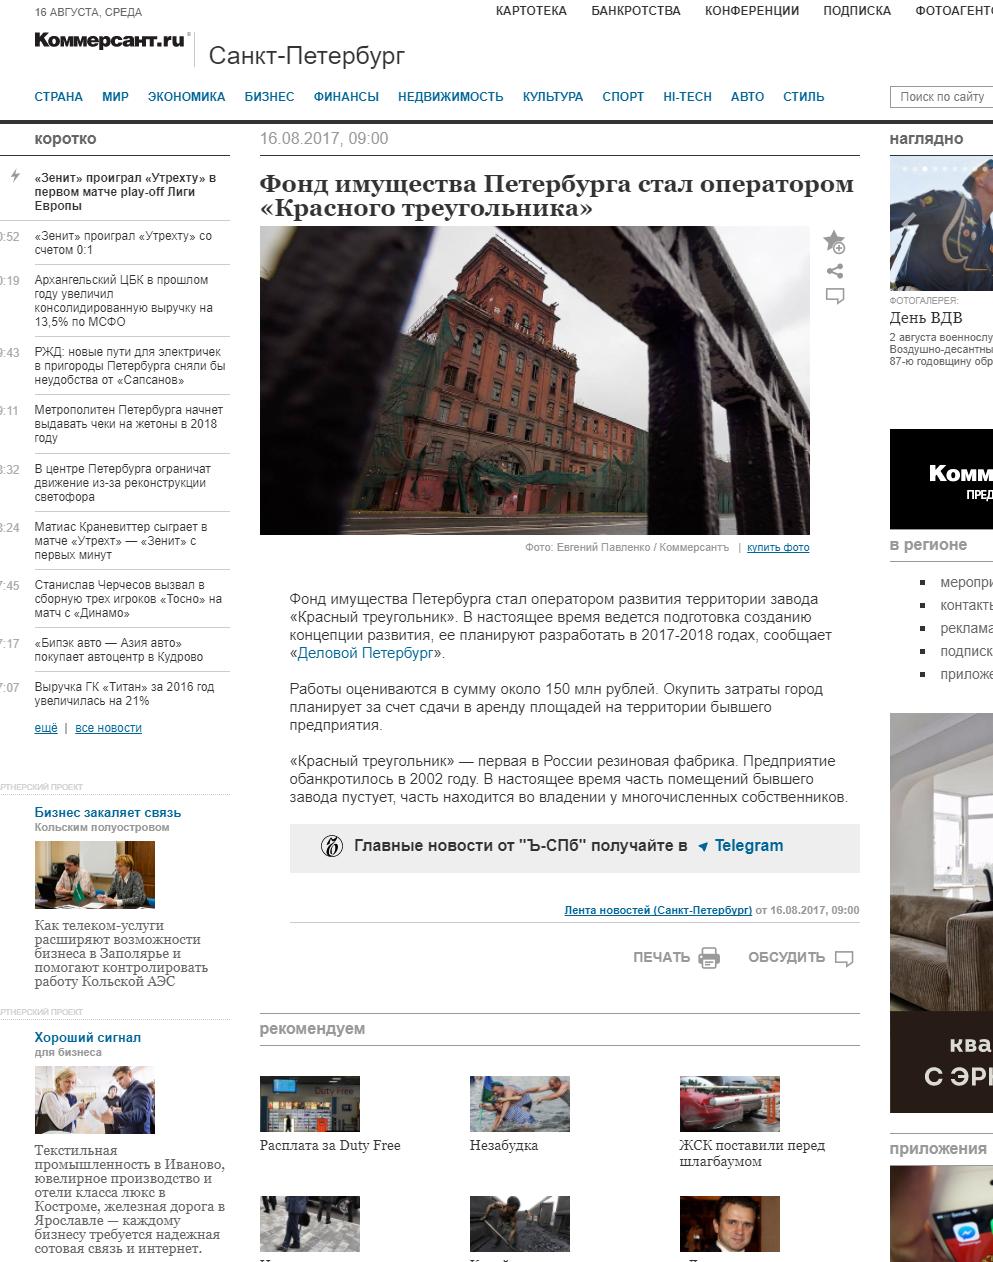 аукцион недвижимости спб официальный сайт